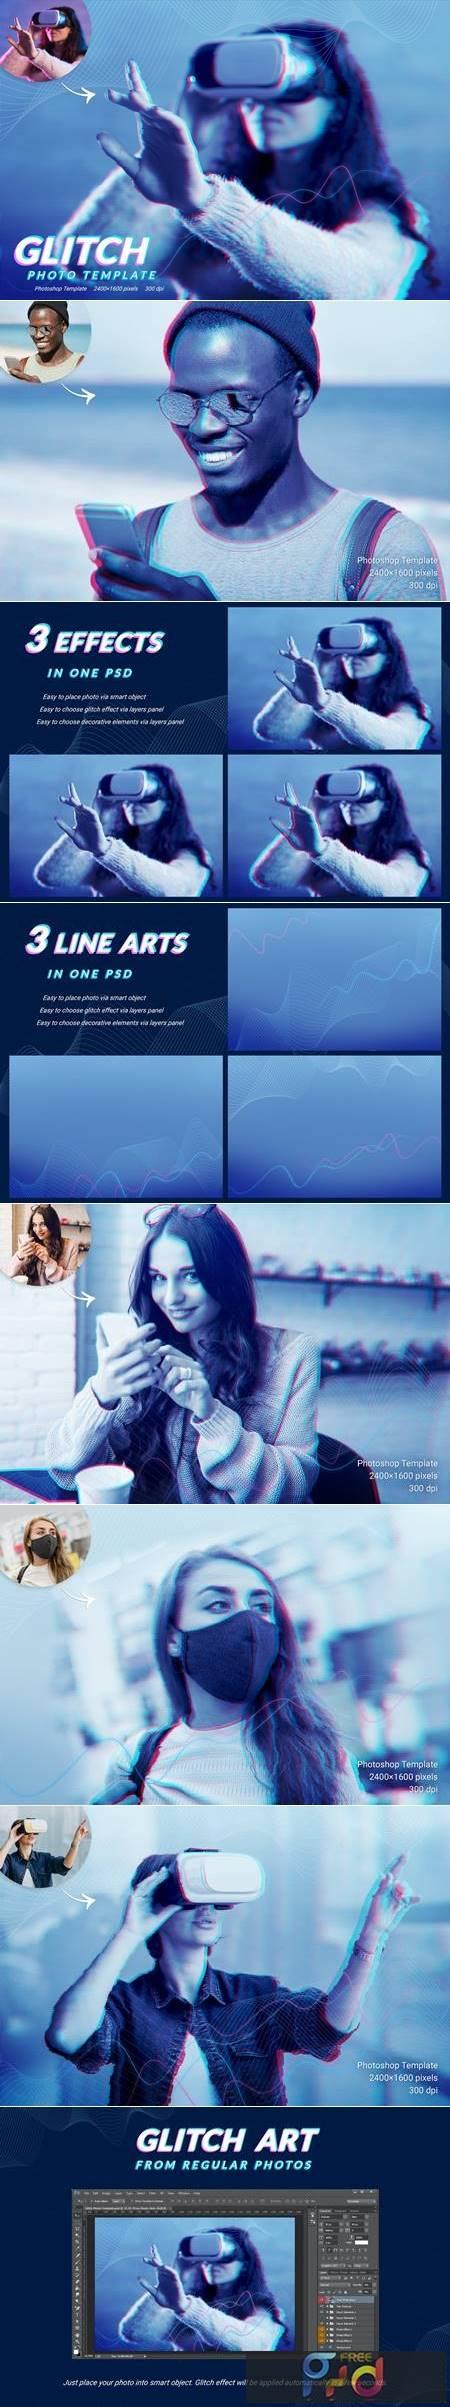 Glitch Photo Template KSGX2TT 1